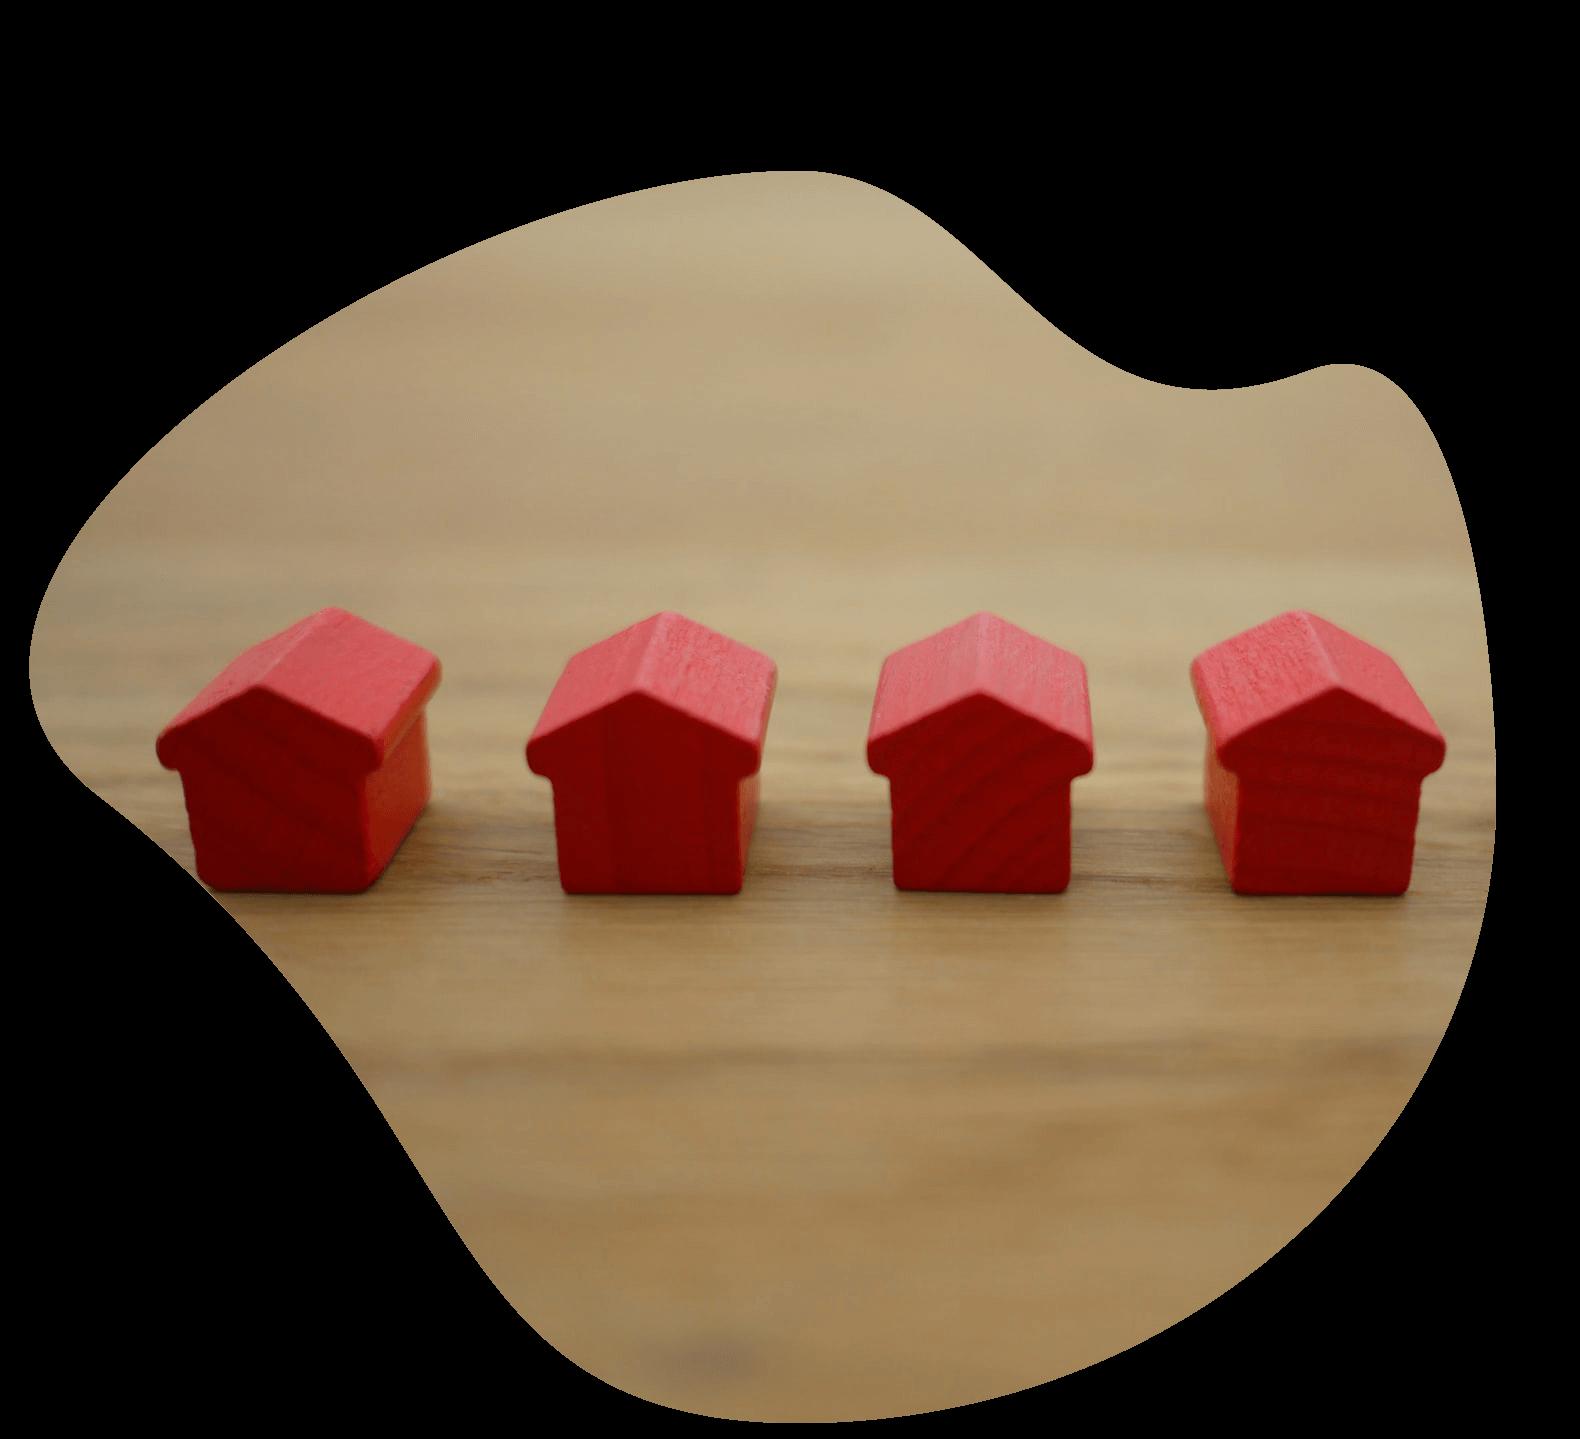 casas gastos hipoteca